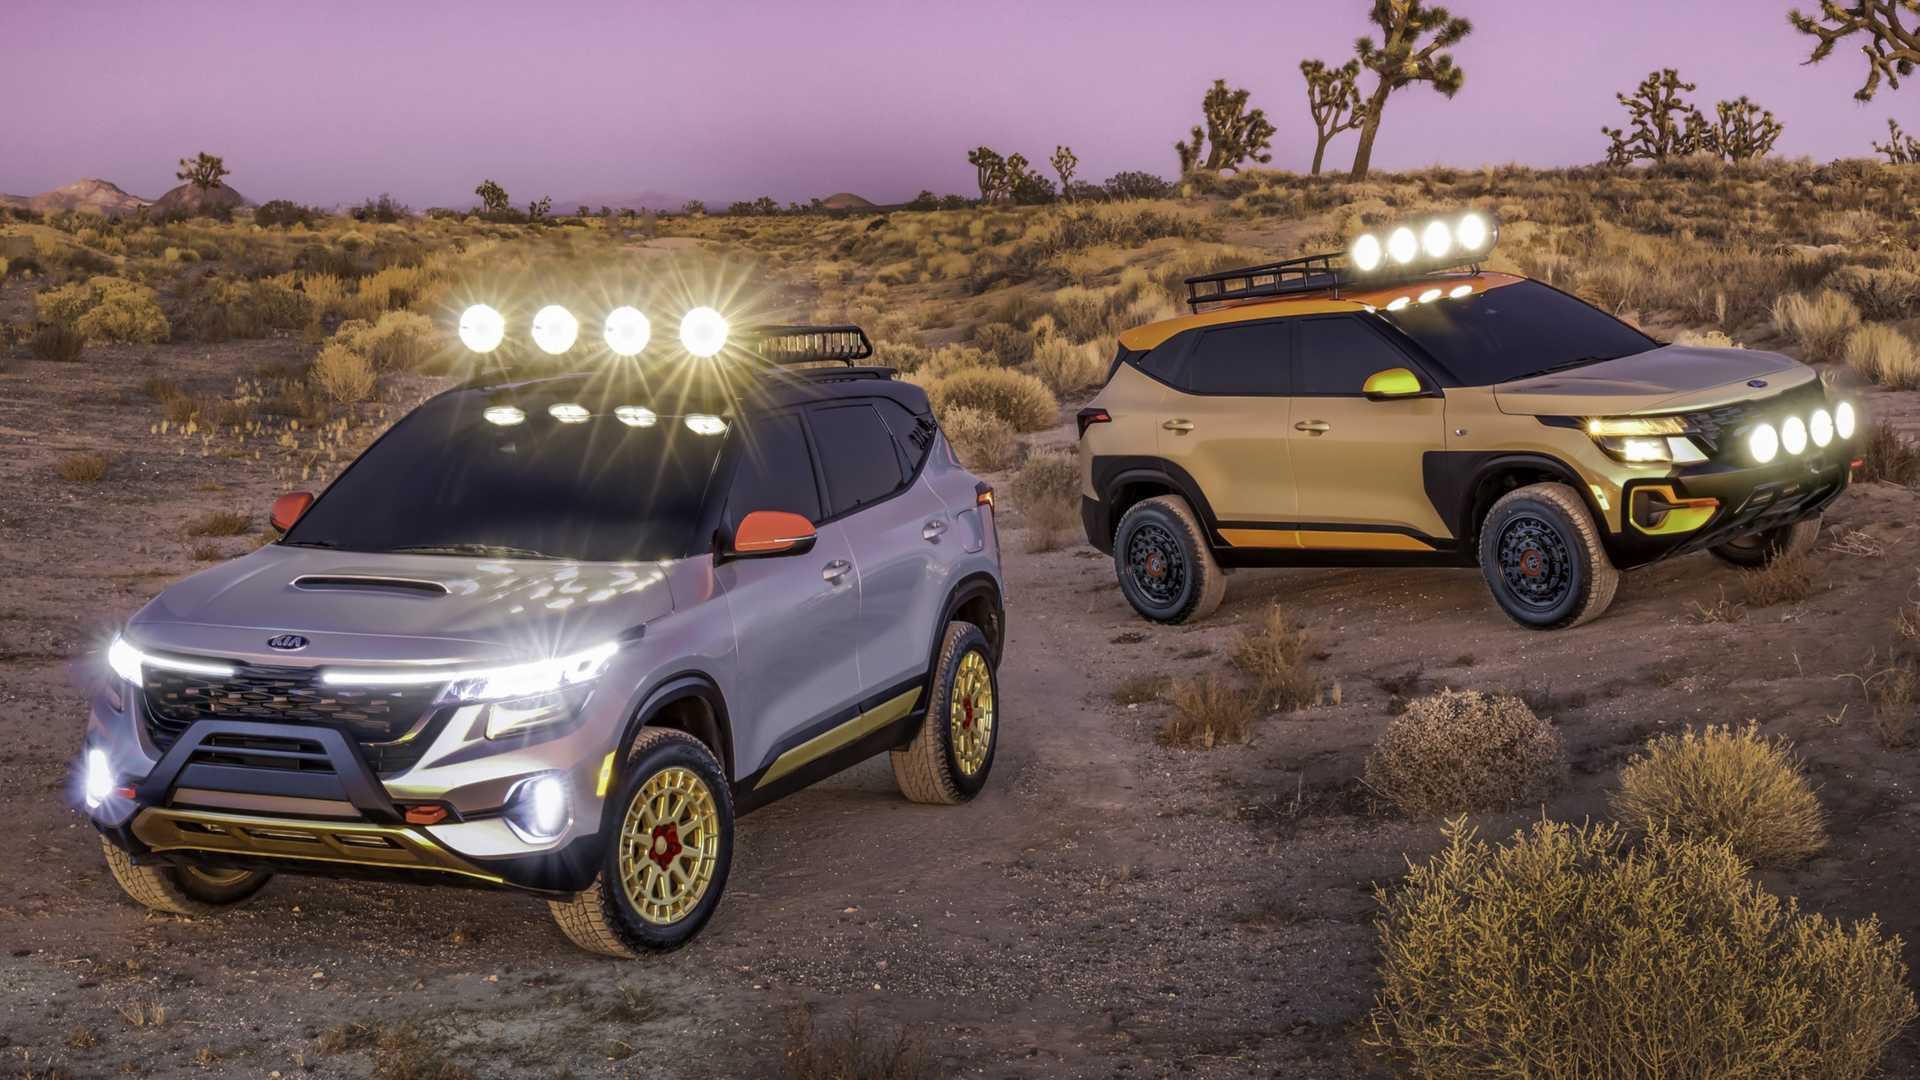 Kia Los Angeles >> Flipboard Kia Seltos Off Road Concepts Revealed In Los Angeles